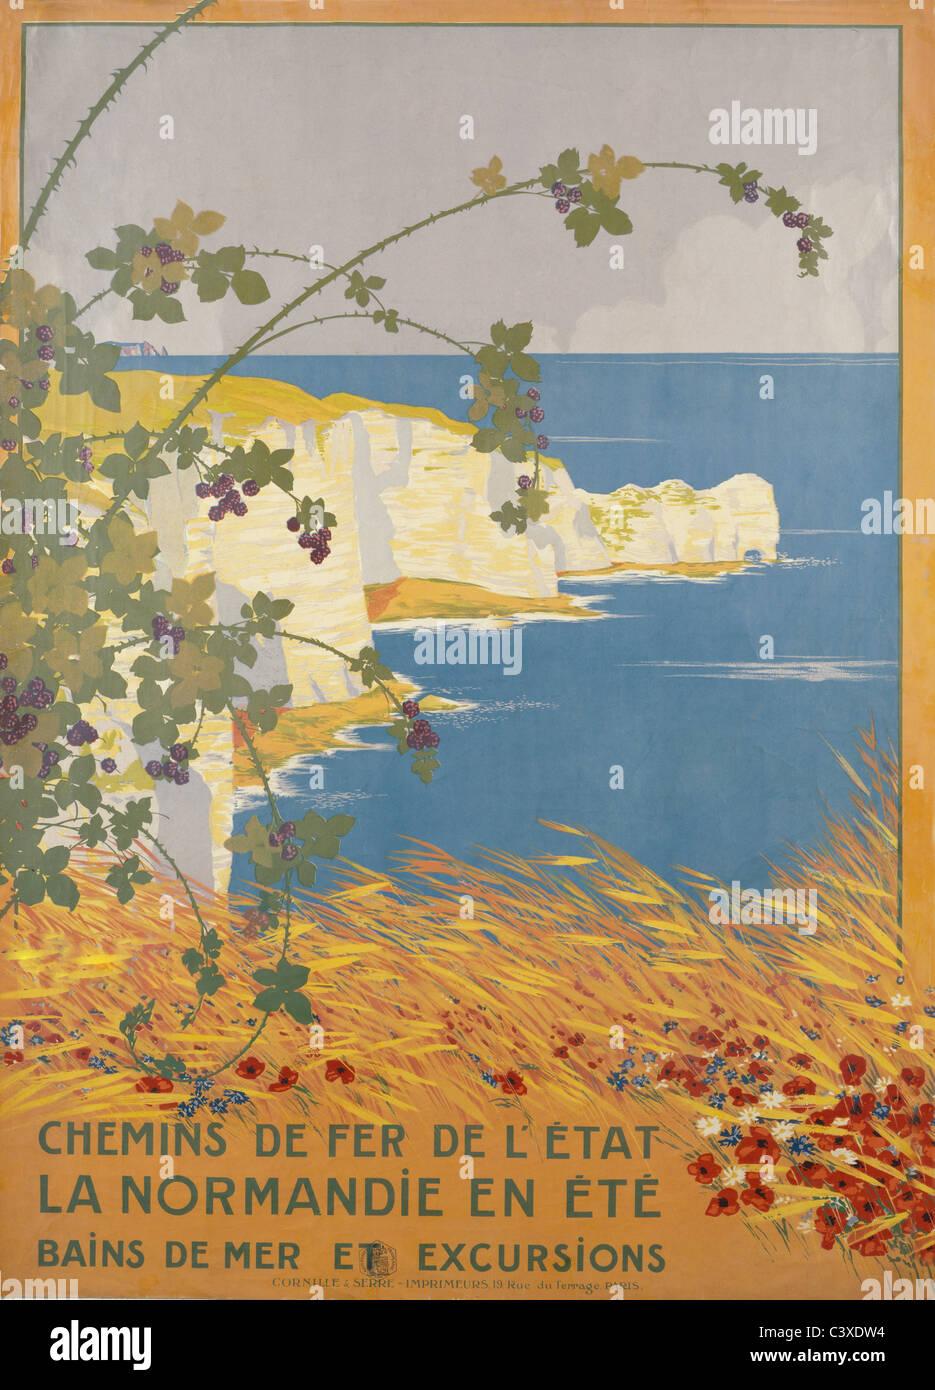 La Normandie en été, par Georges Dorival. Londres, Angleterre, 20e siècle Banque D'Images